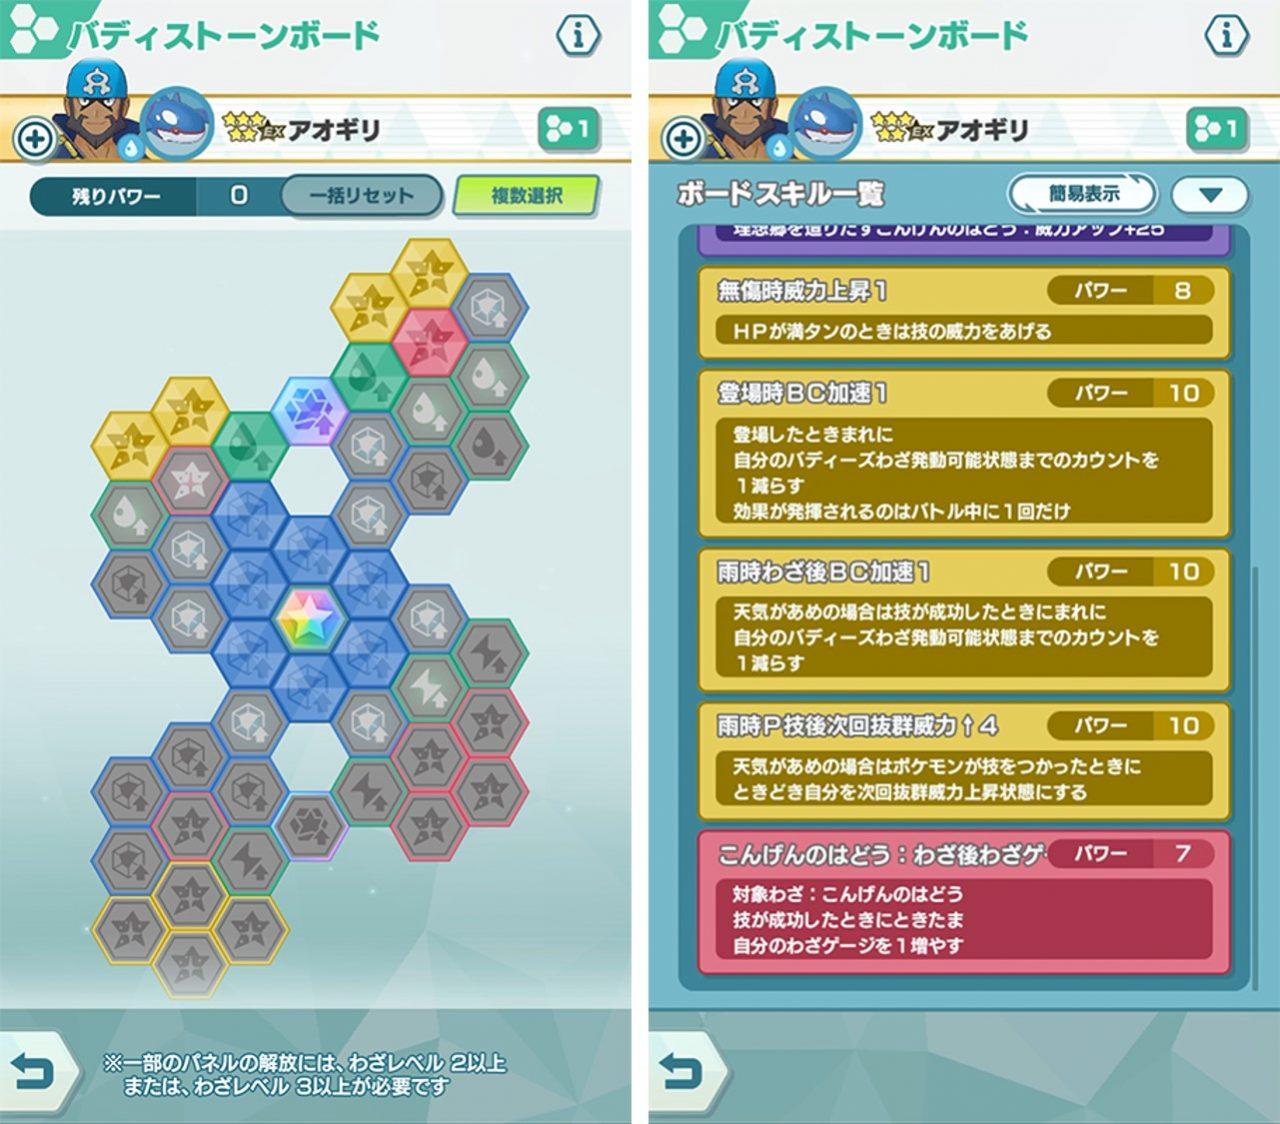 『ポケモンマスターズEX』に「マツブサ」と「アオギリ」が登場!新イベント「海と陸の王者!」も開催中!!